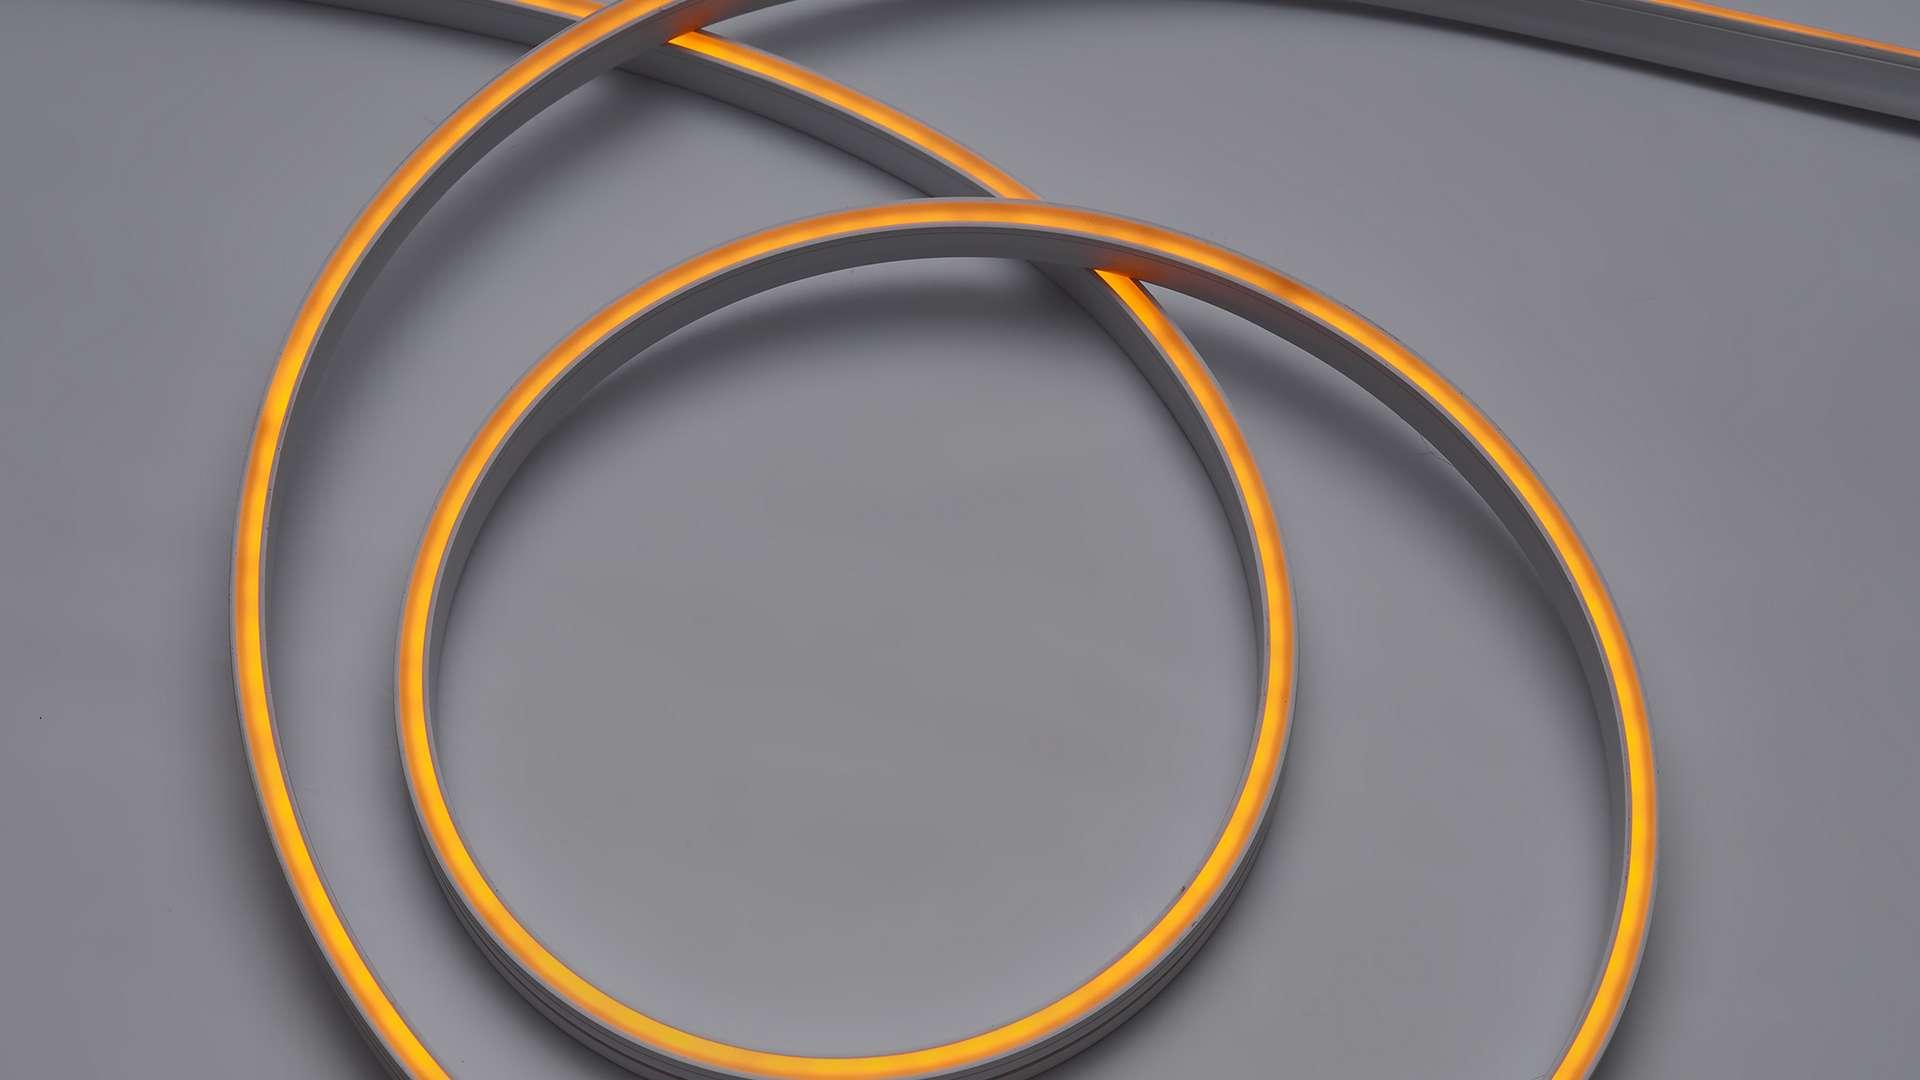 LED Neon Flex 3Y 4x10 140 LED/m 12W/m 24V YELLOW